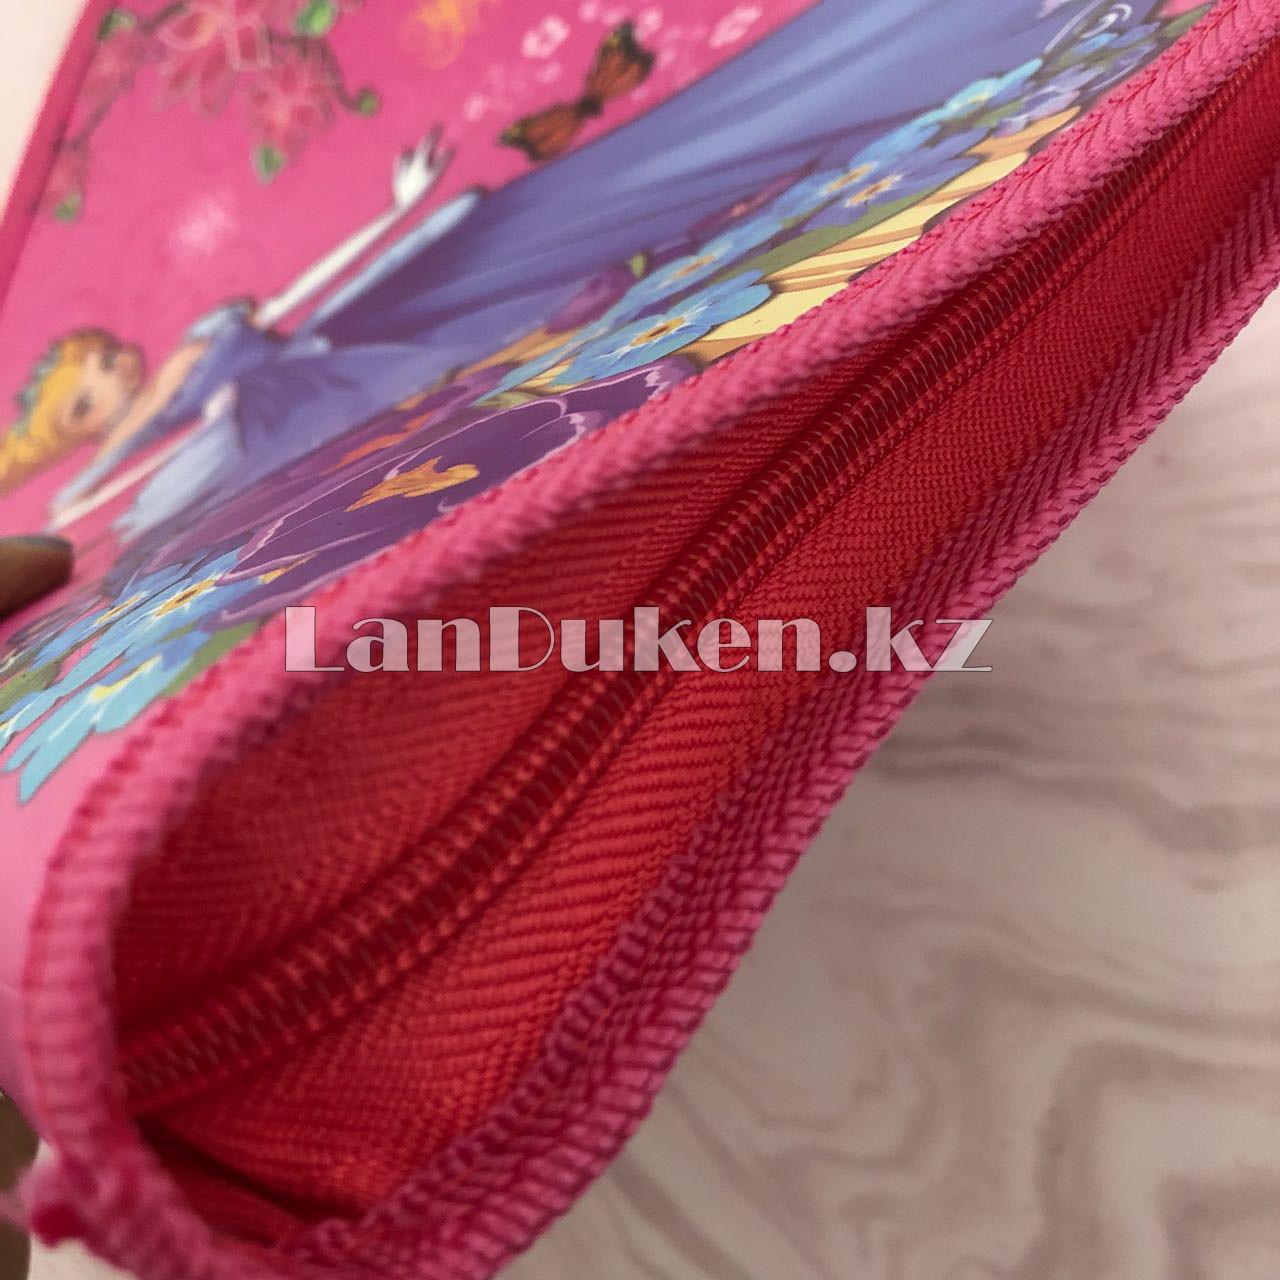 """Детская папка на молнии А4 пластиковая с тканевой окантовкой """"Принцесса с цветами"""" (розовая) - фото 8"""